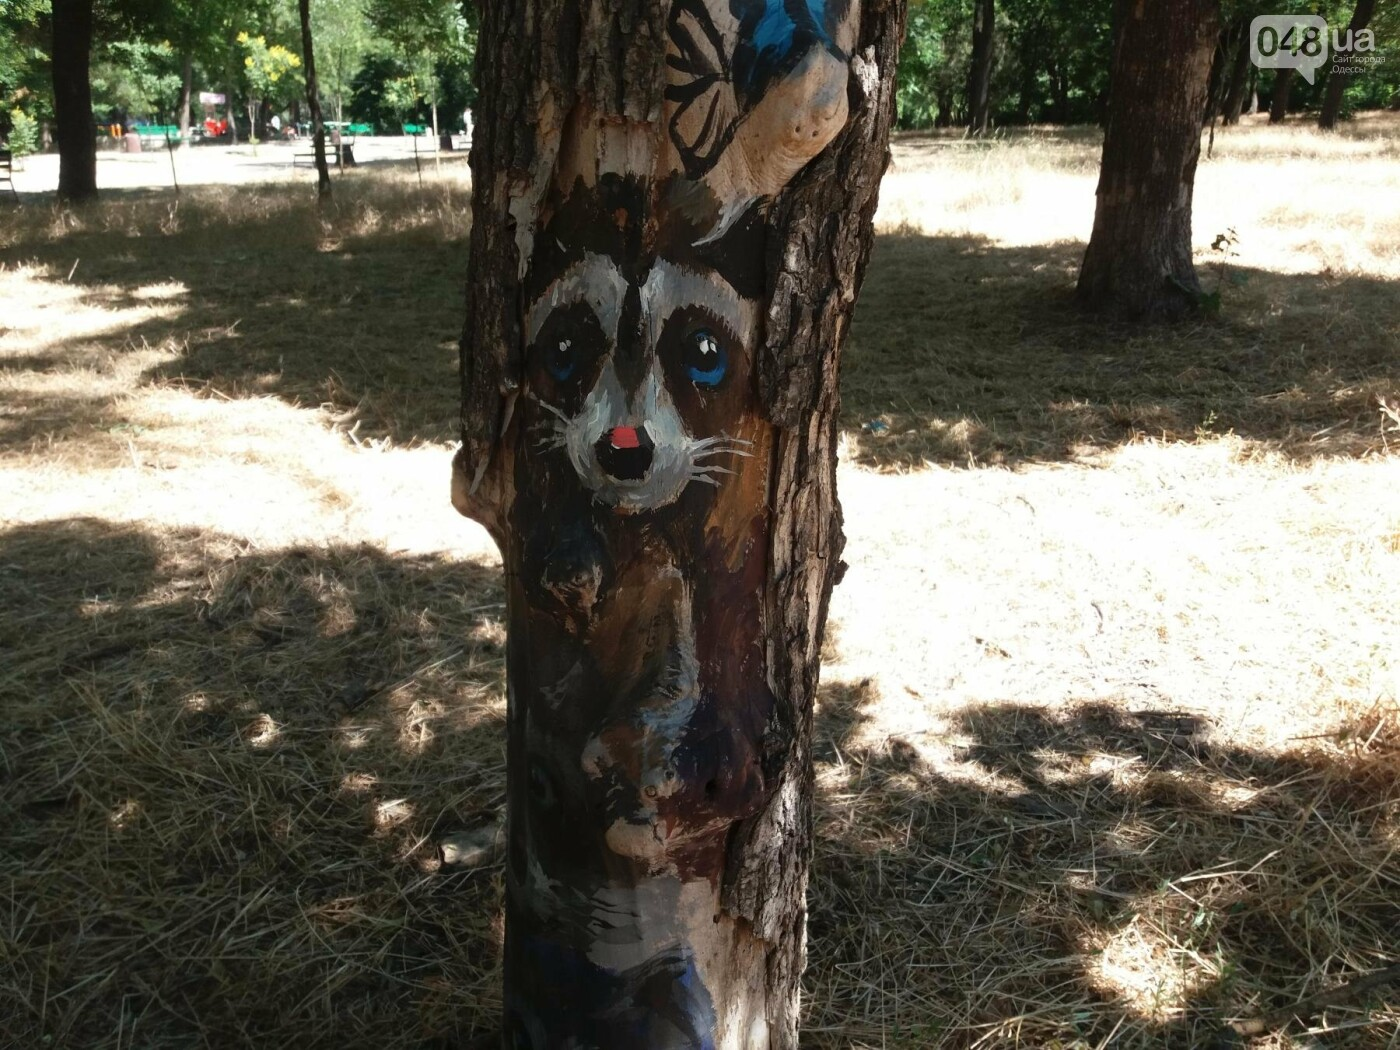 В Одесском парке появились необычные рисунки на деревьях, - ФОТО, фото-1